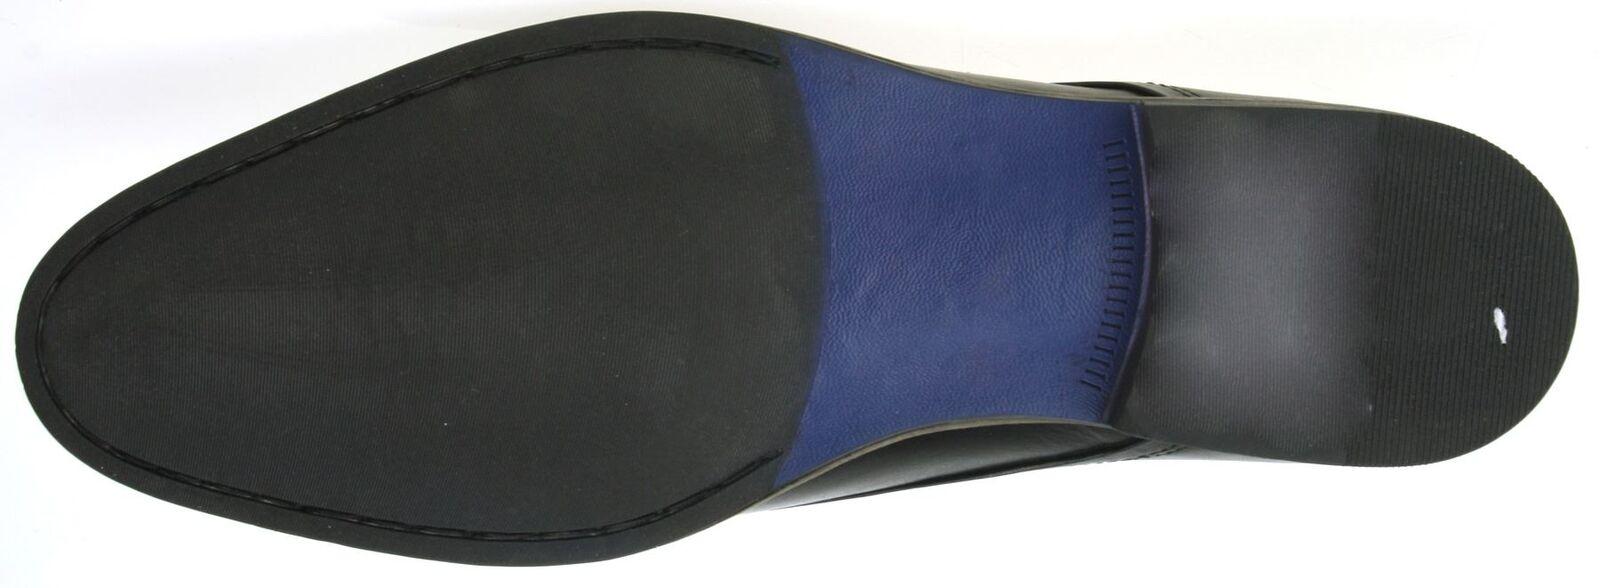 Red Tape Shannon Bordeaux Braun Braun Braun Schnürschuhe runde Spitz Leder e985f1